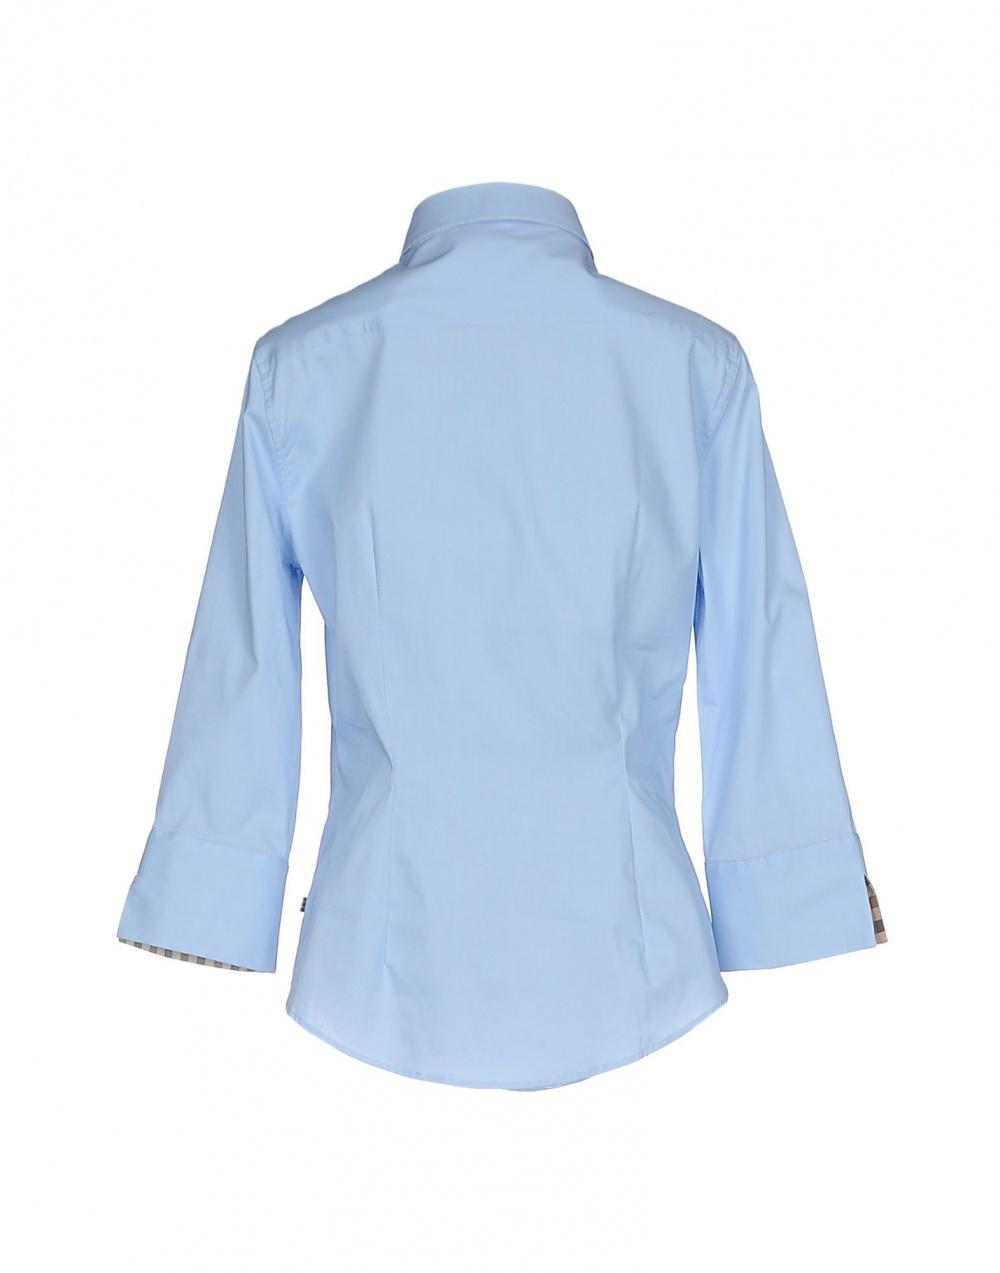 Рубашка AQUASCUTUM (размер рус.42)